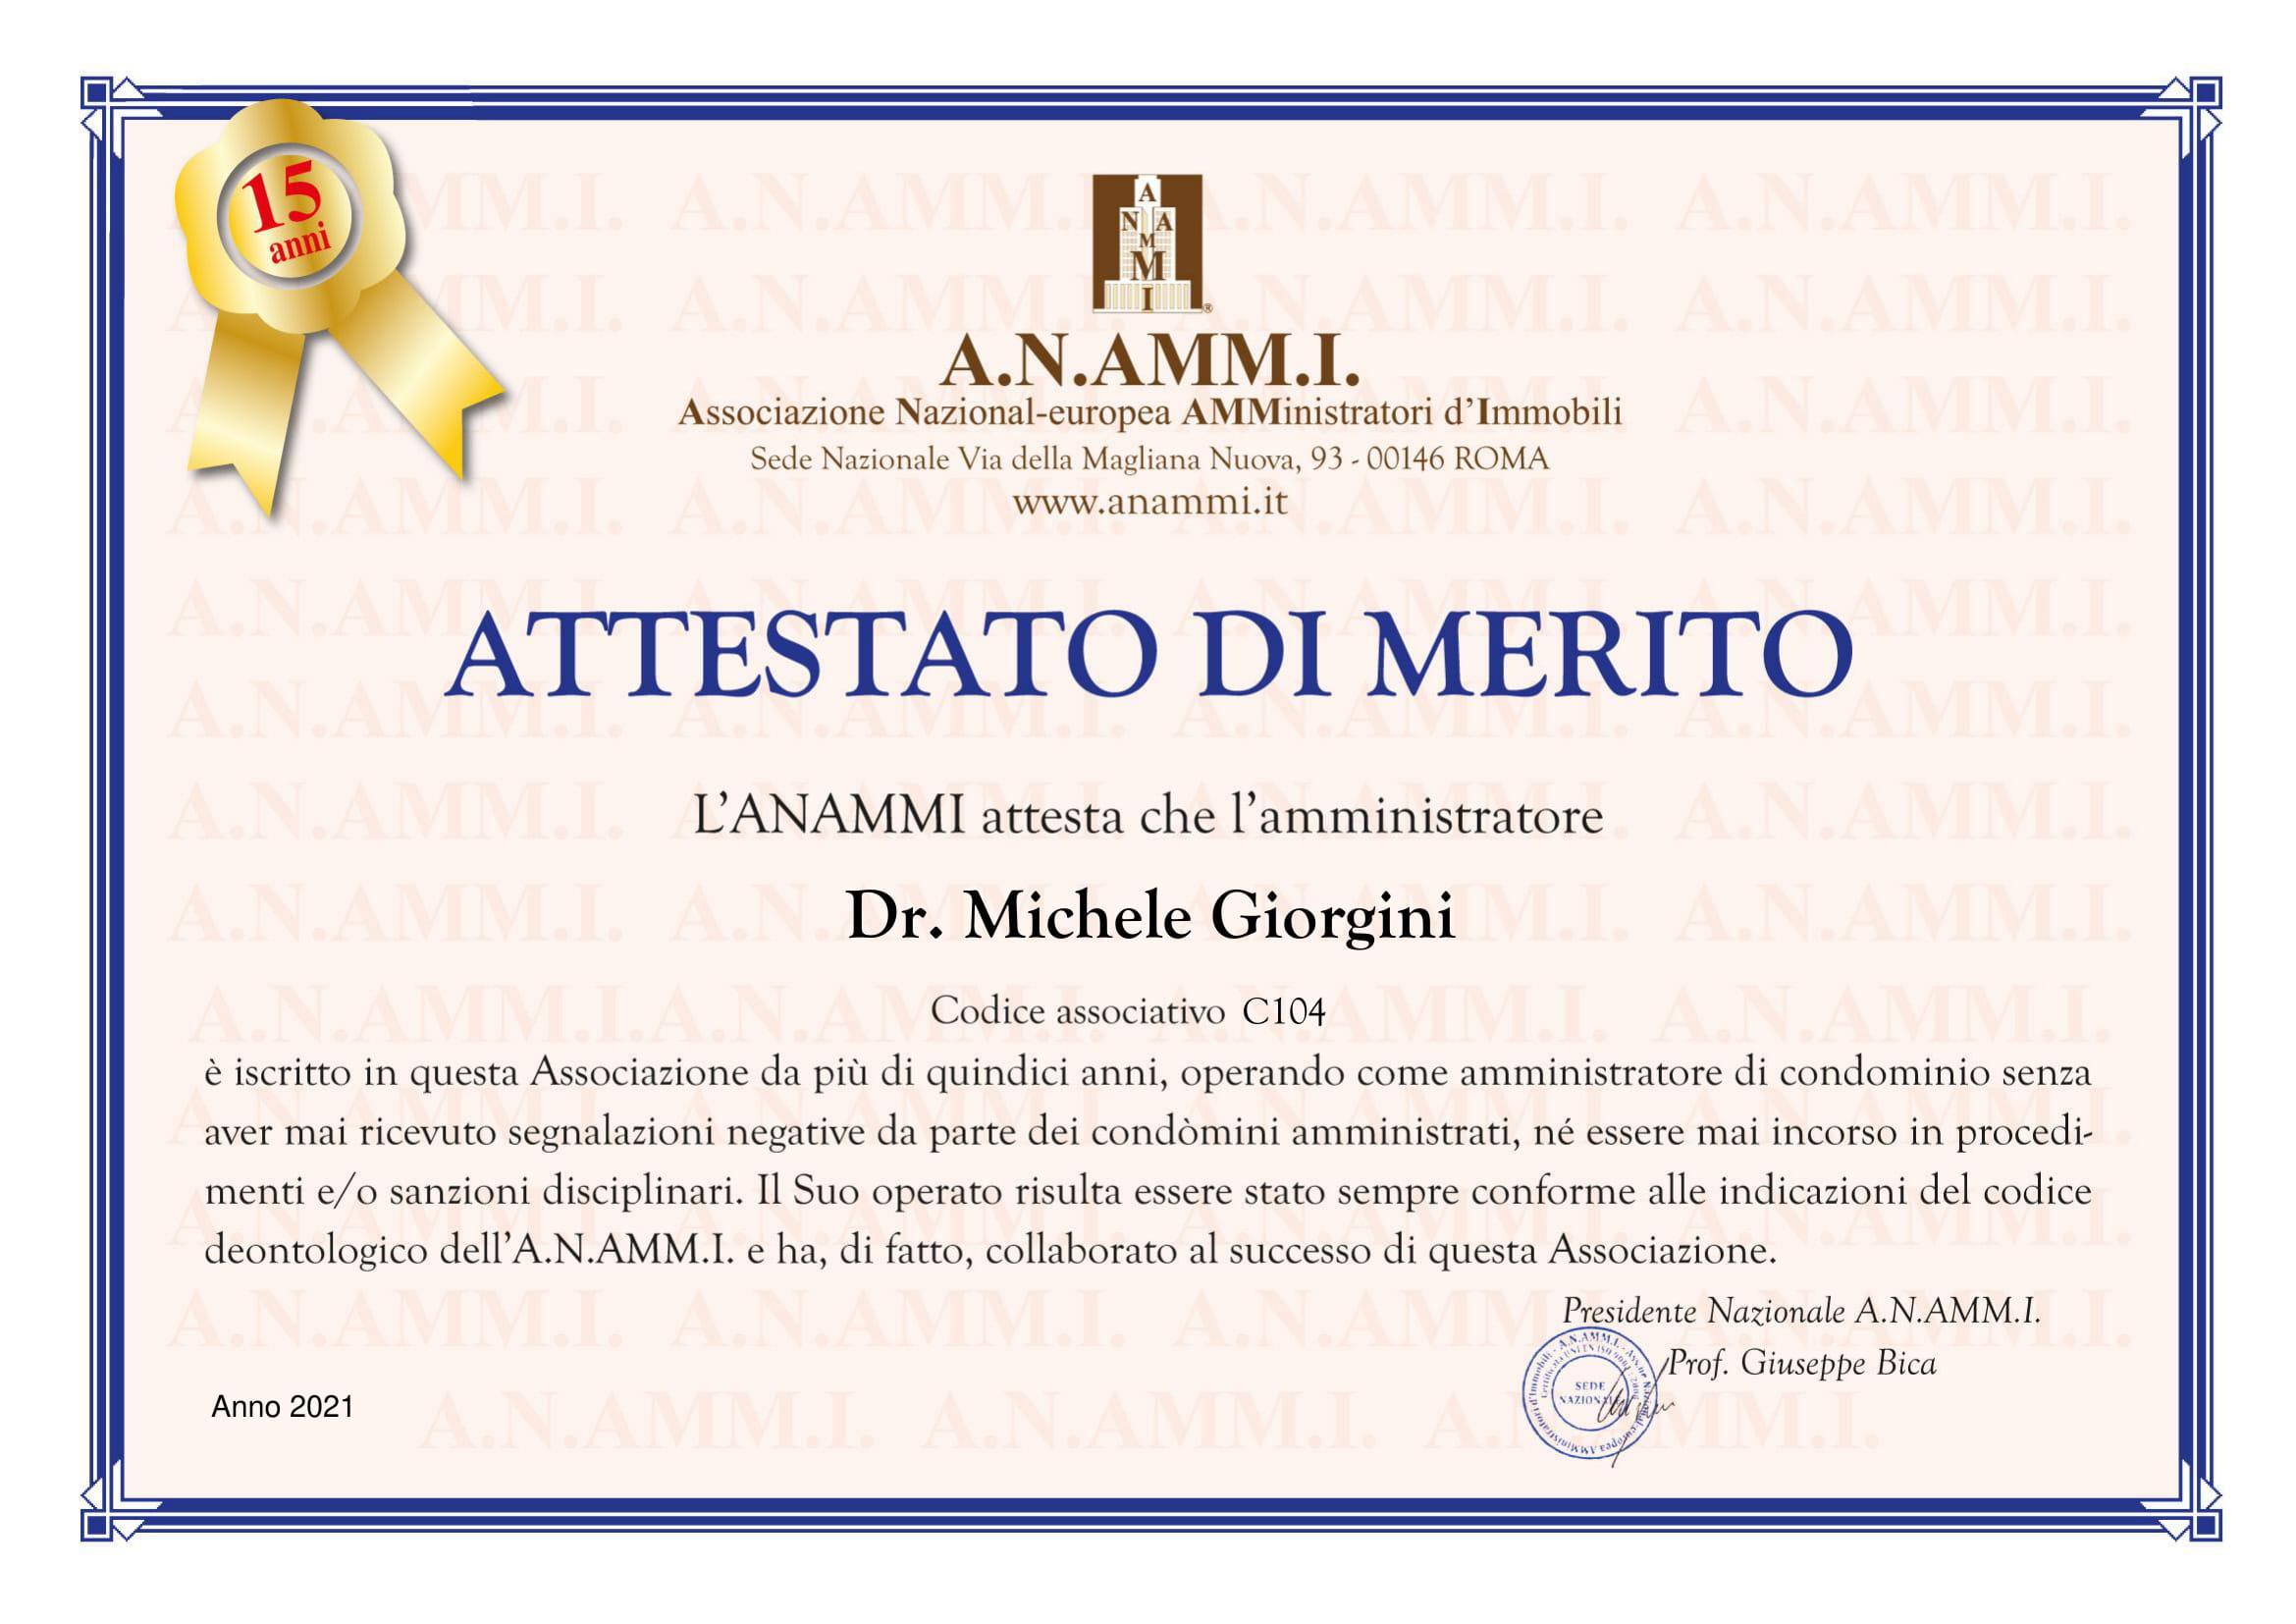 Attestatao di MERITO Anammi Dr. M.Giorgini-1